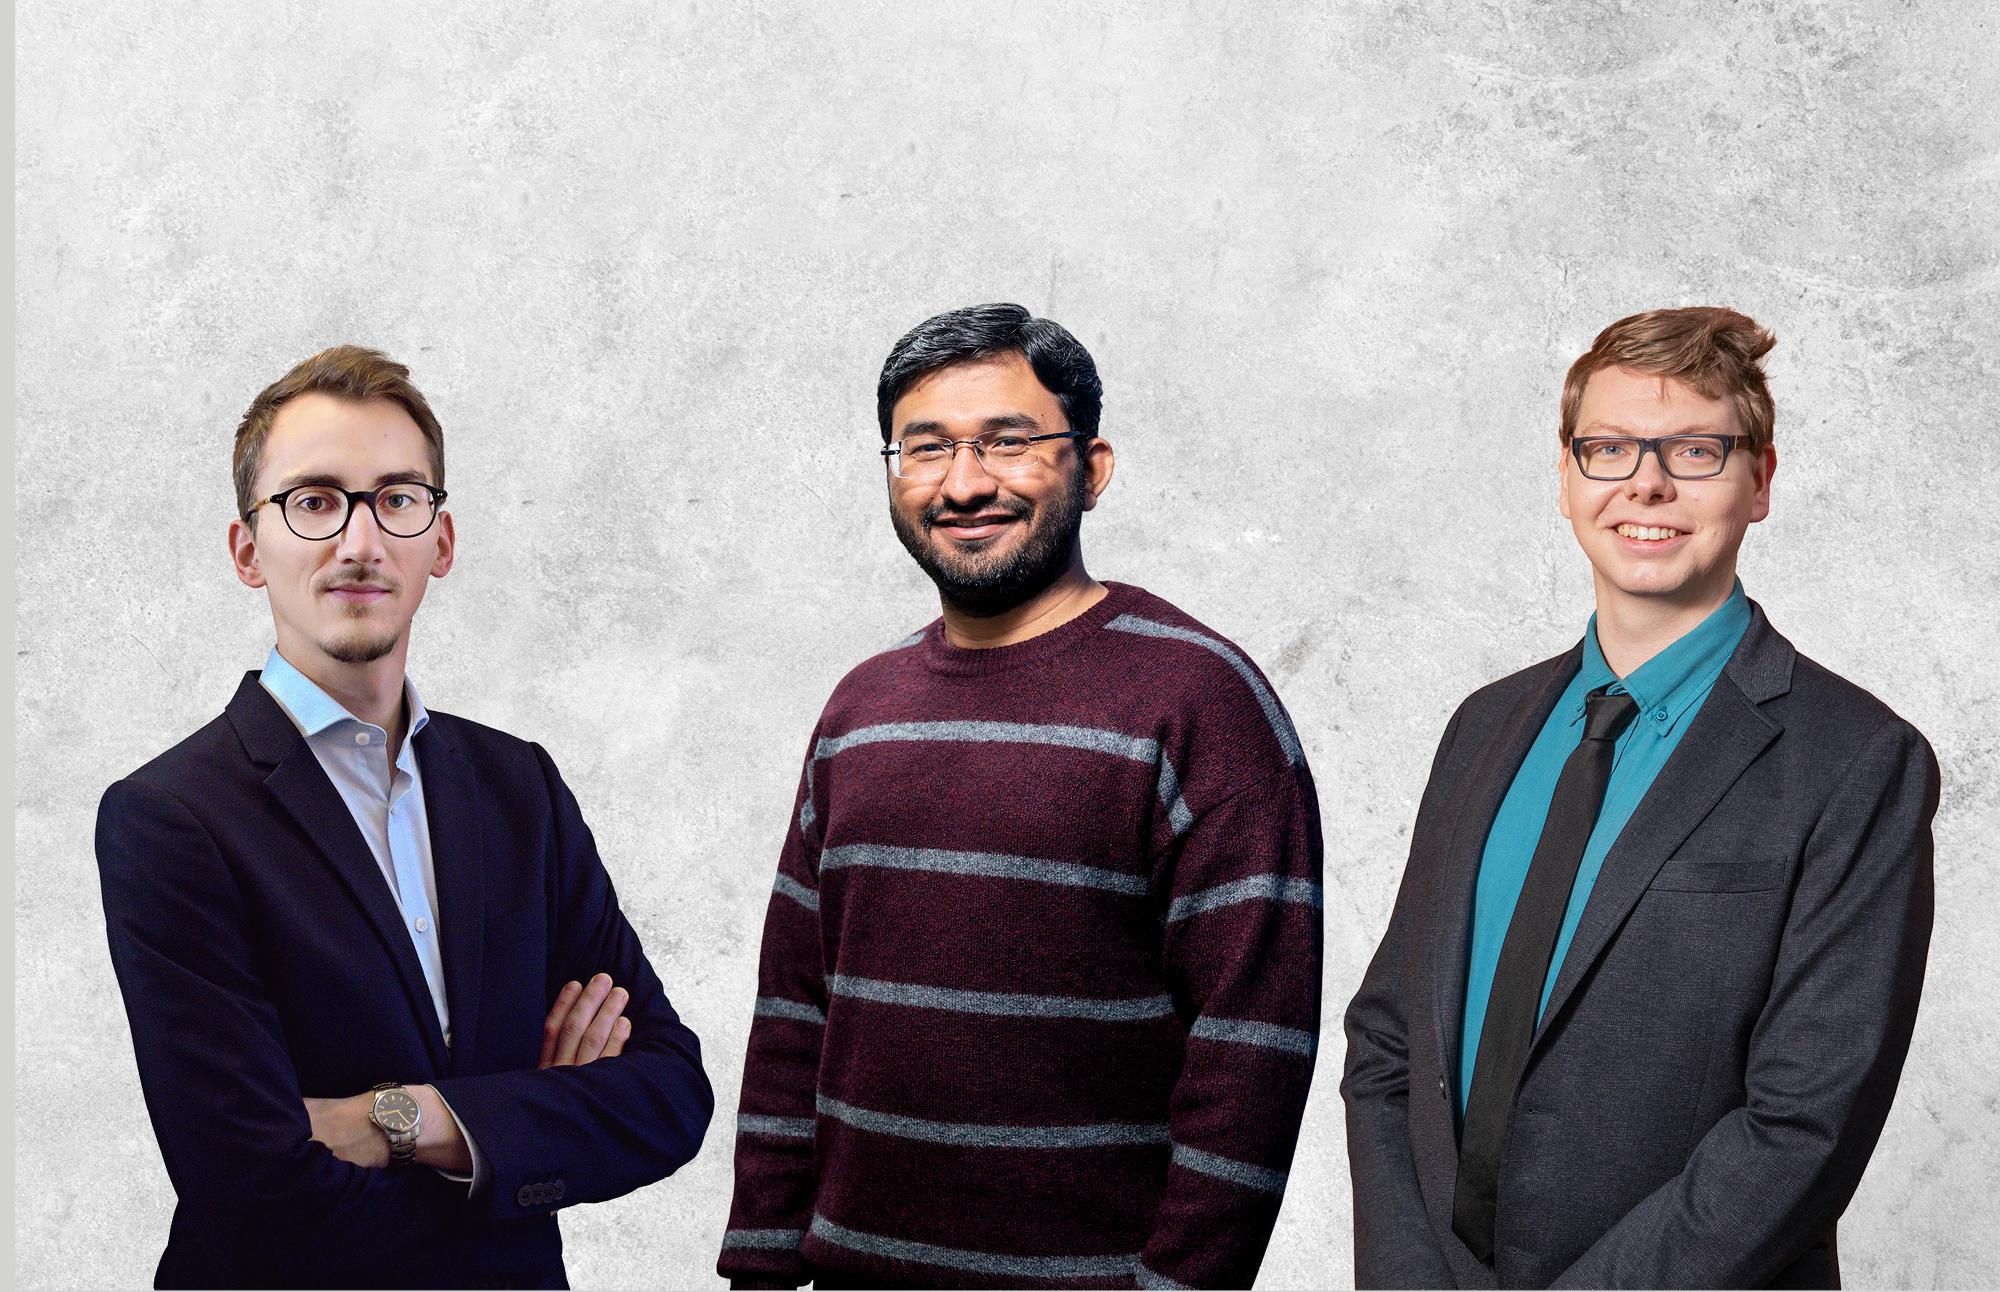 Eelis Leino (vasemmalla), Asad Awan ja Timo Lintonen palkittiin erinomaisista töistään.